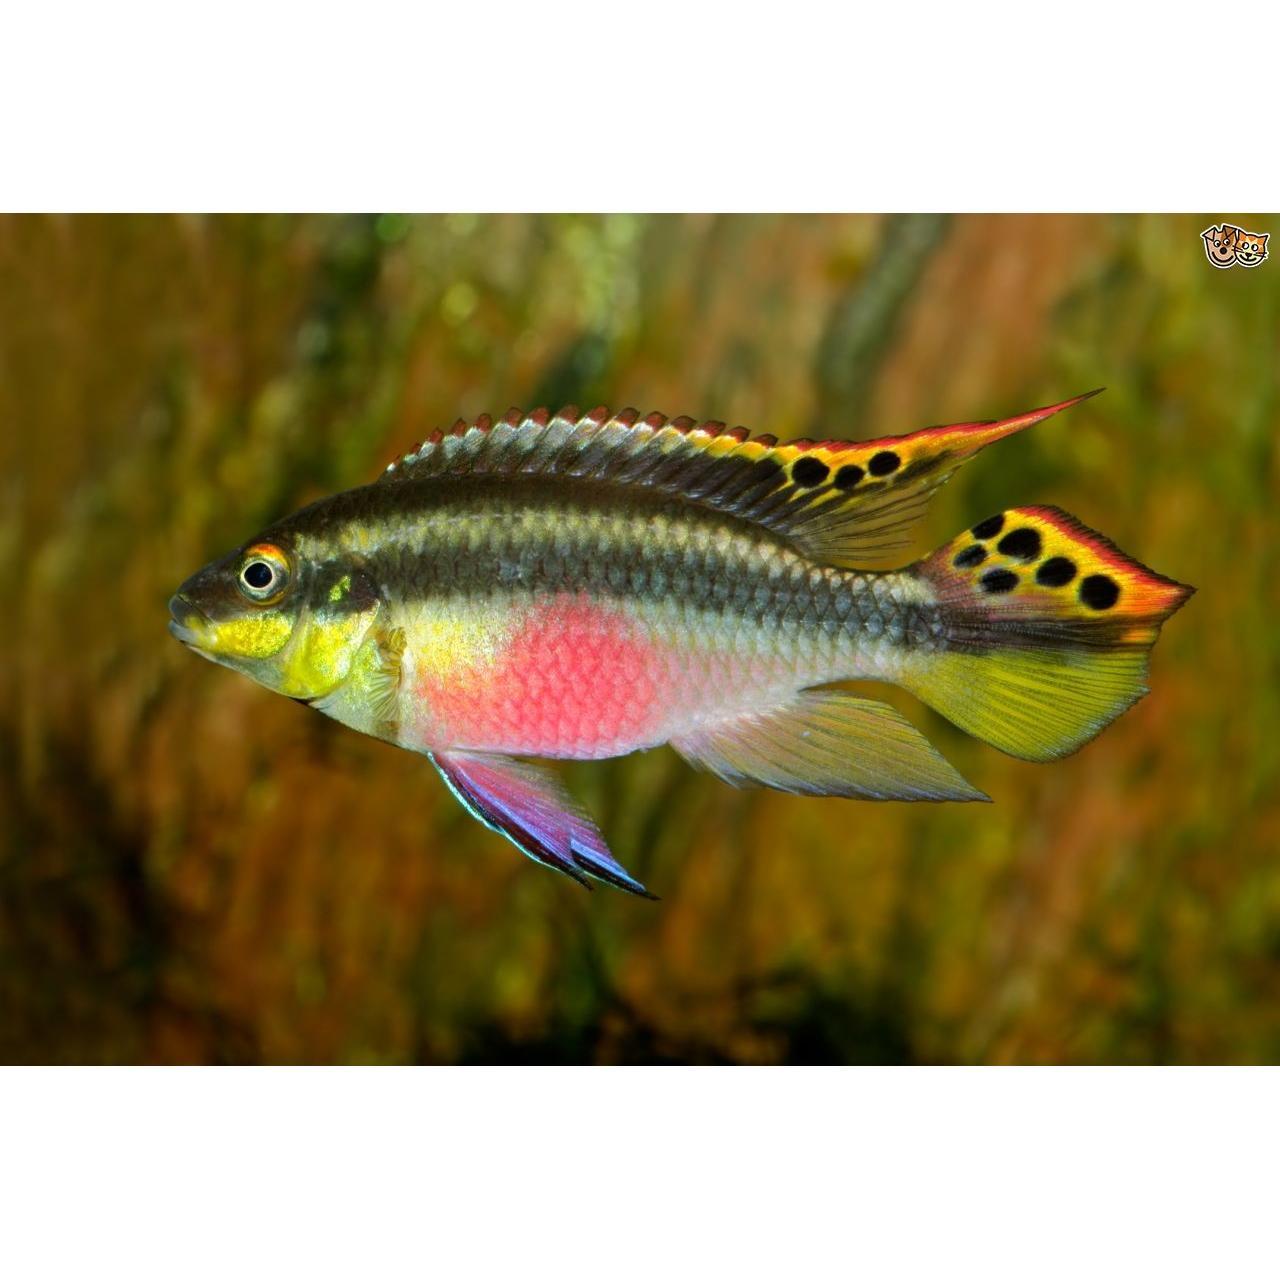 Kribensis Cichlid - 2cm (Pelvicachromis pulcher)